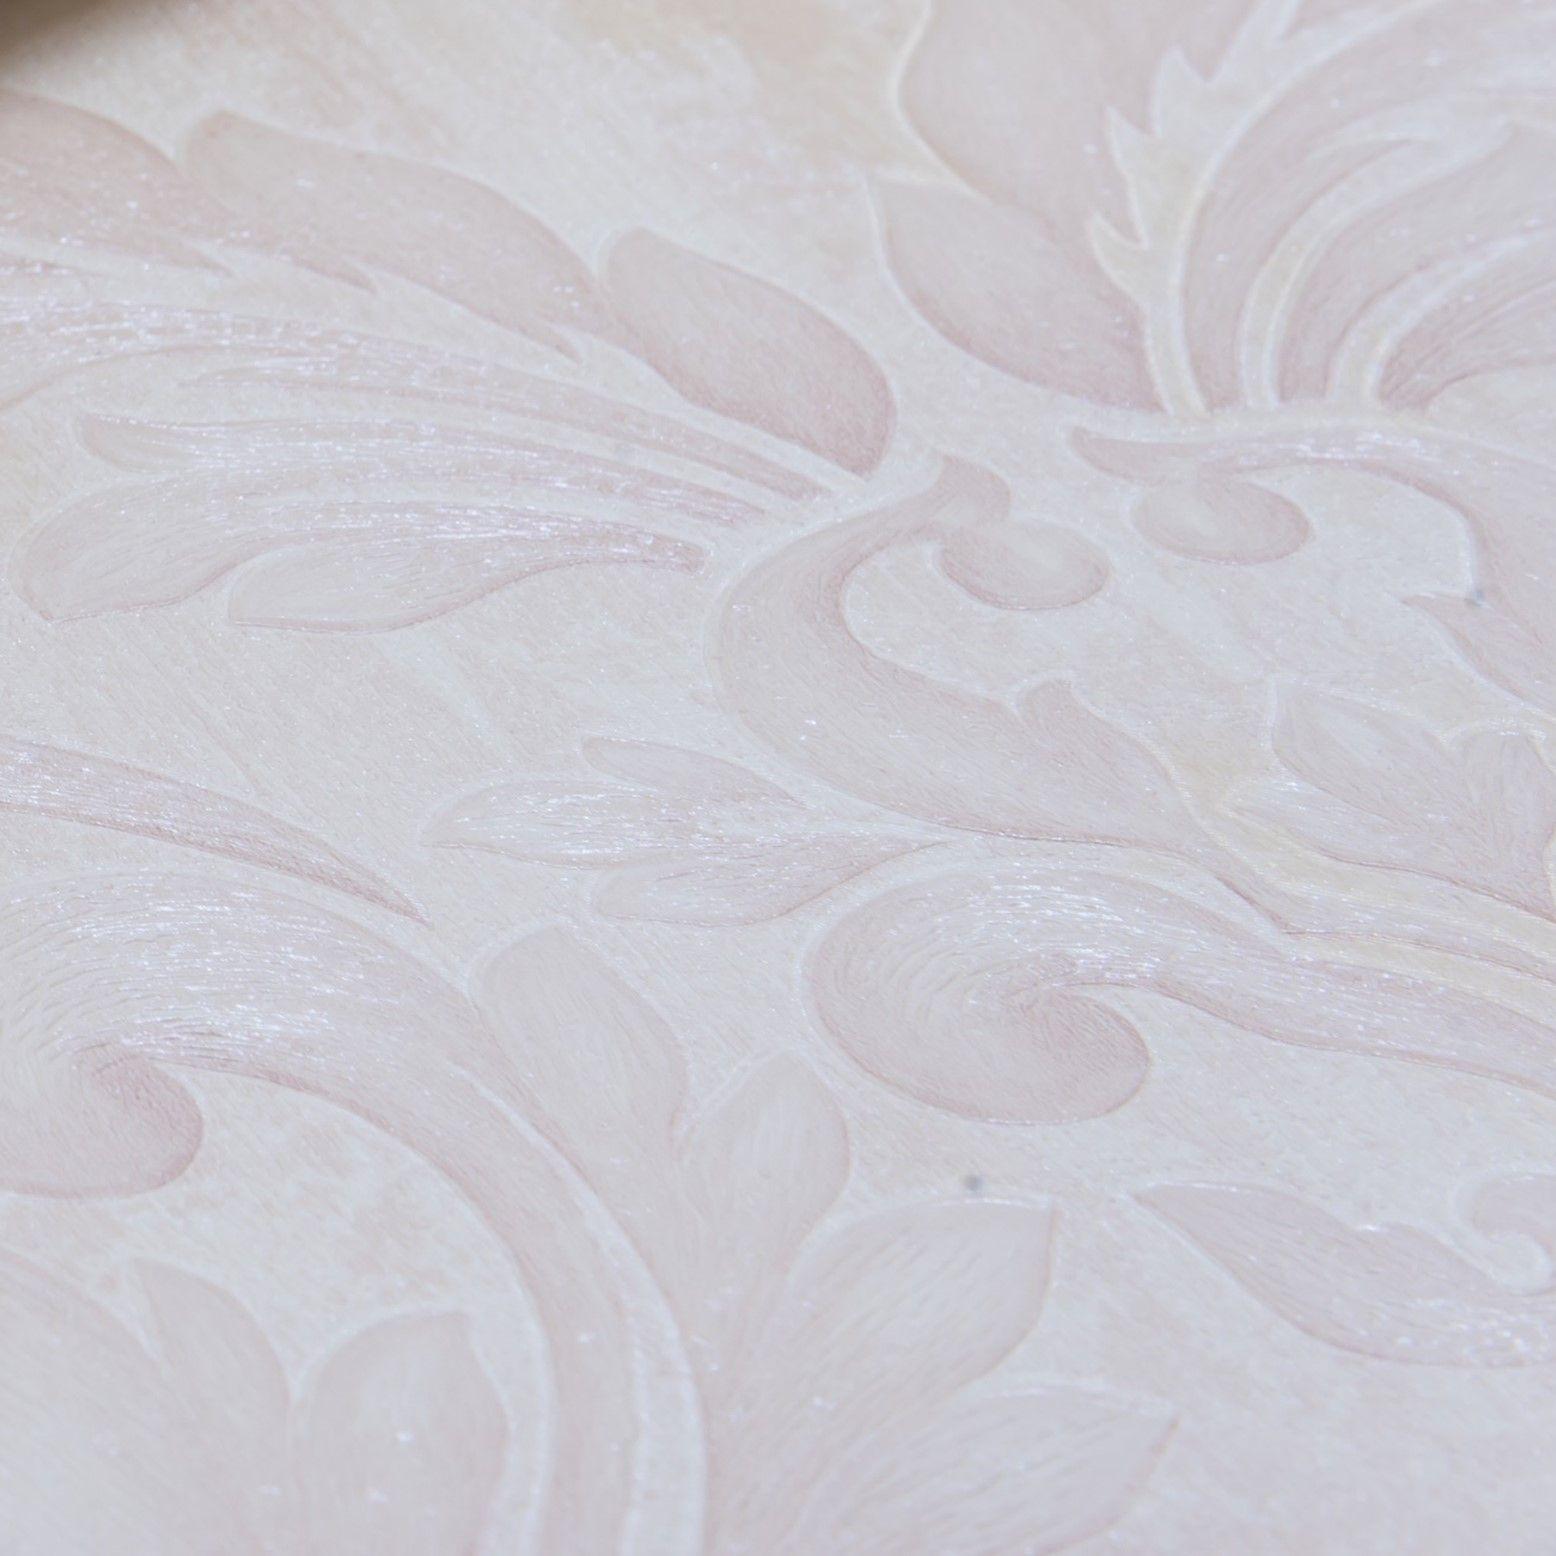 Papel de Parede Paris Decor Vinílico Coleção Chamonix Damask Rosê